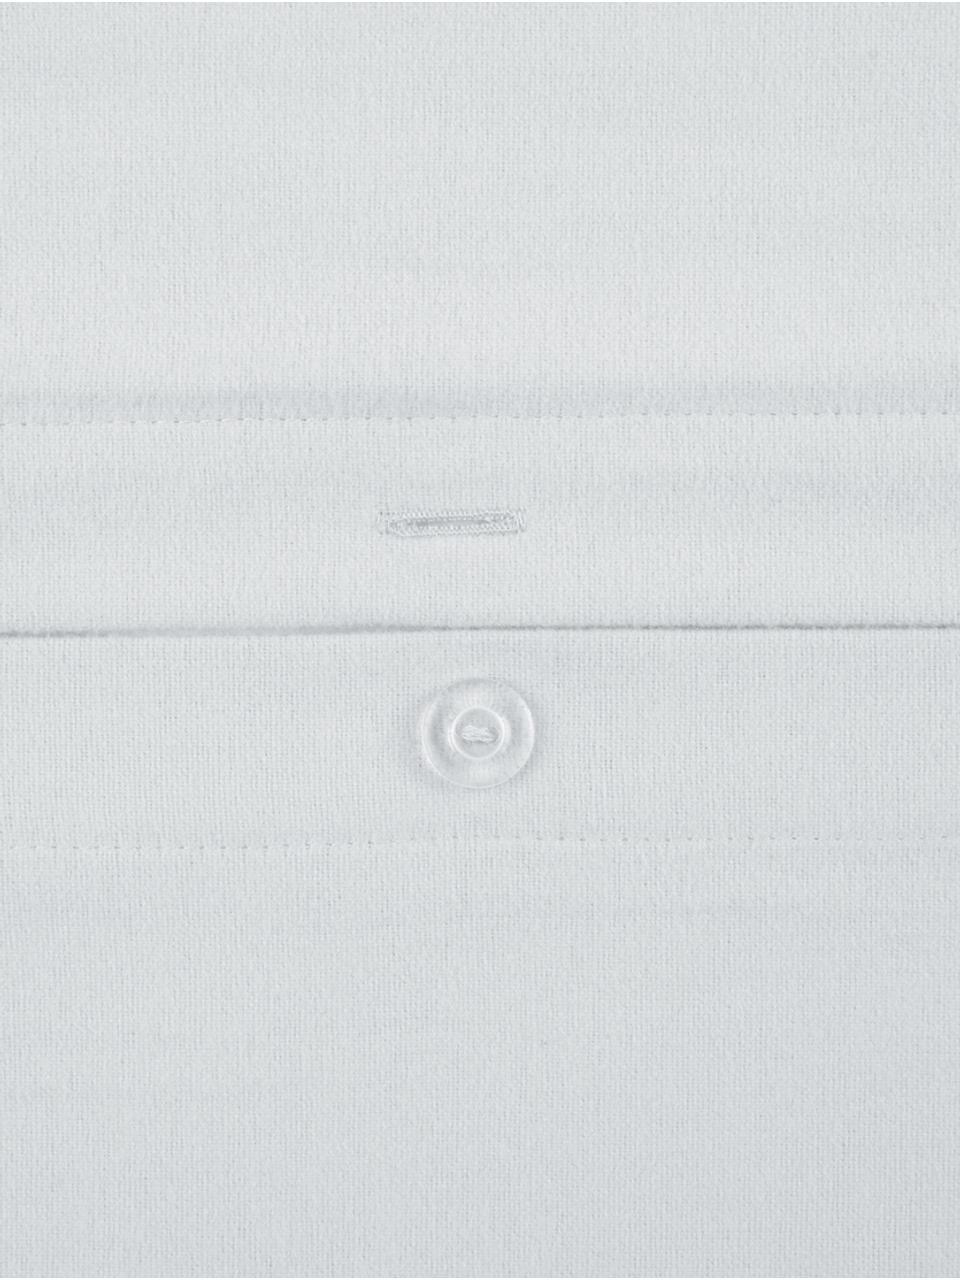 Flanell-Bettwäsche Biba in Hellgrau, Webart: Flanell Flanell ist ein k, Hellgrau, 155 x 220 cm + 1 Kissen 80 x 80 cm